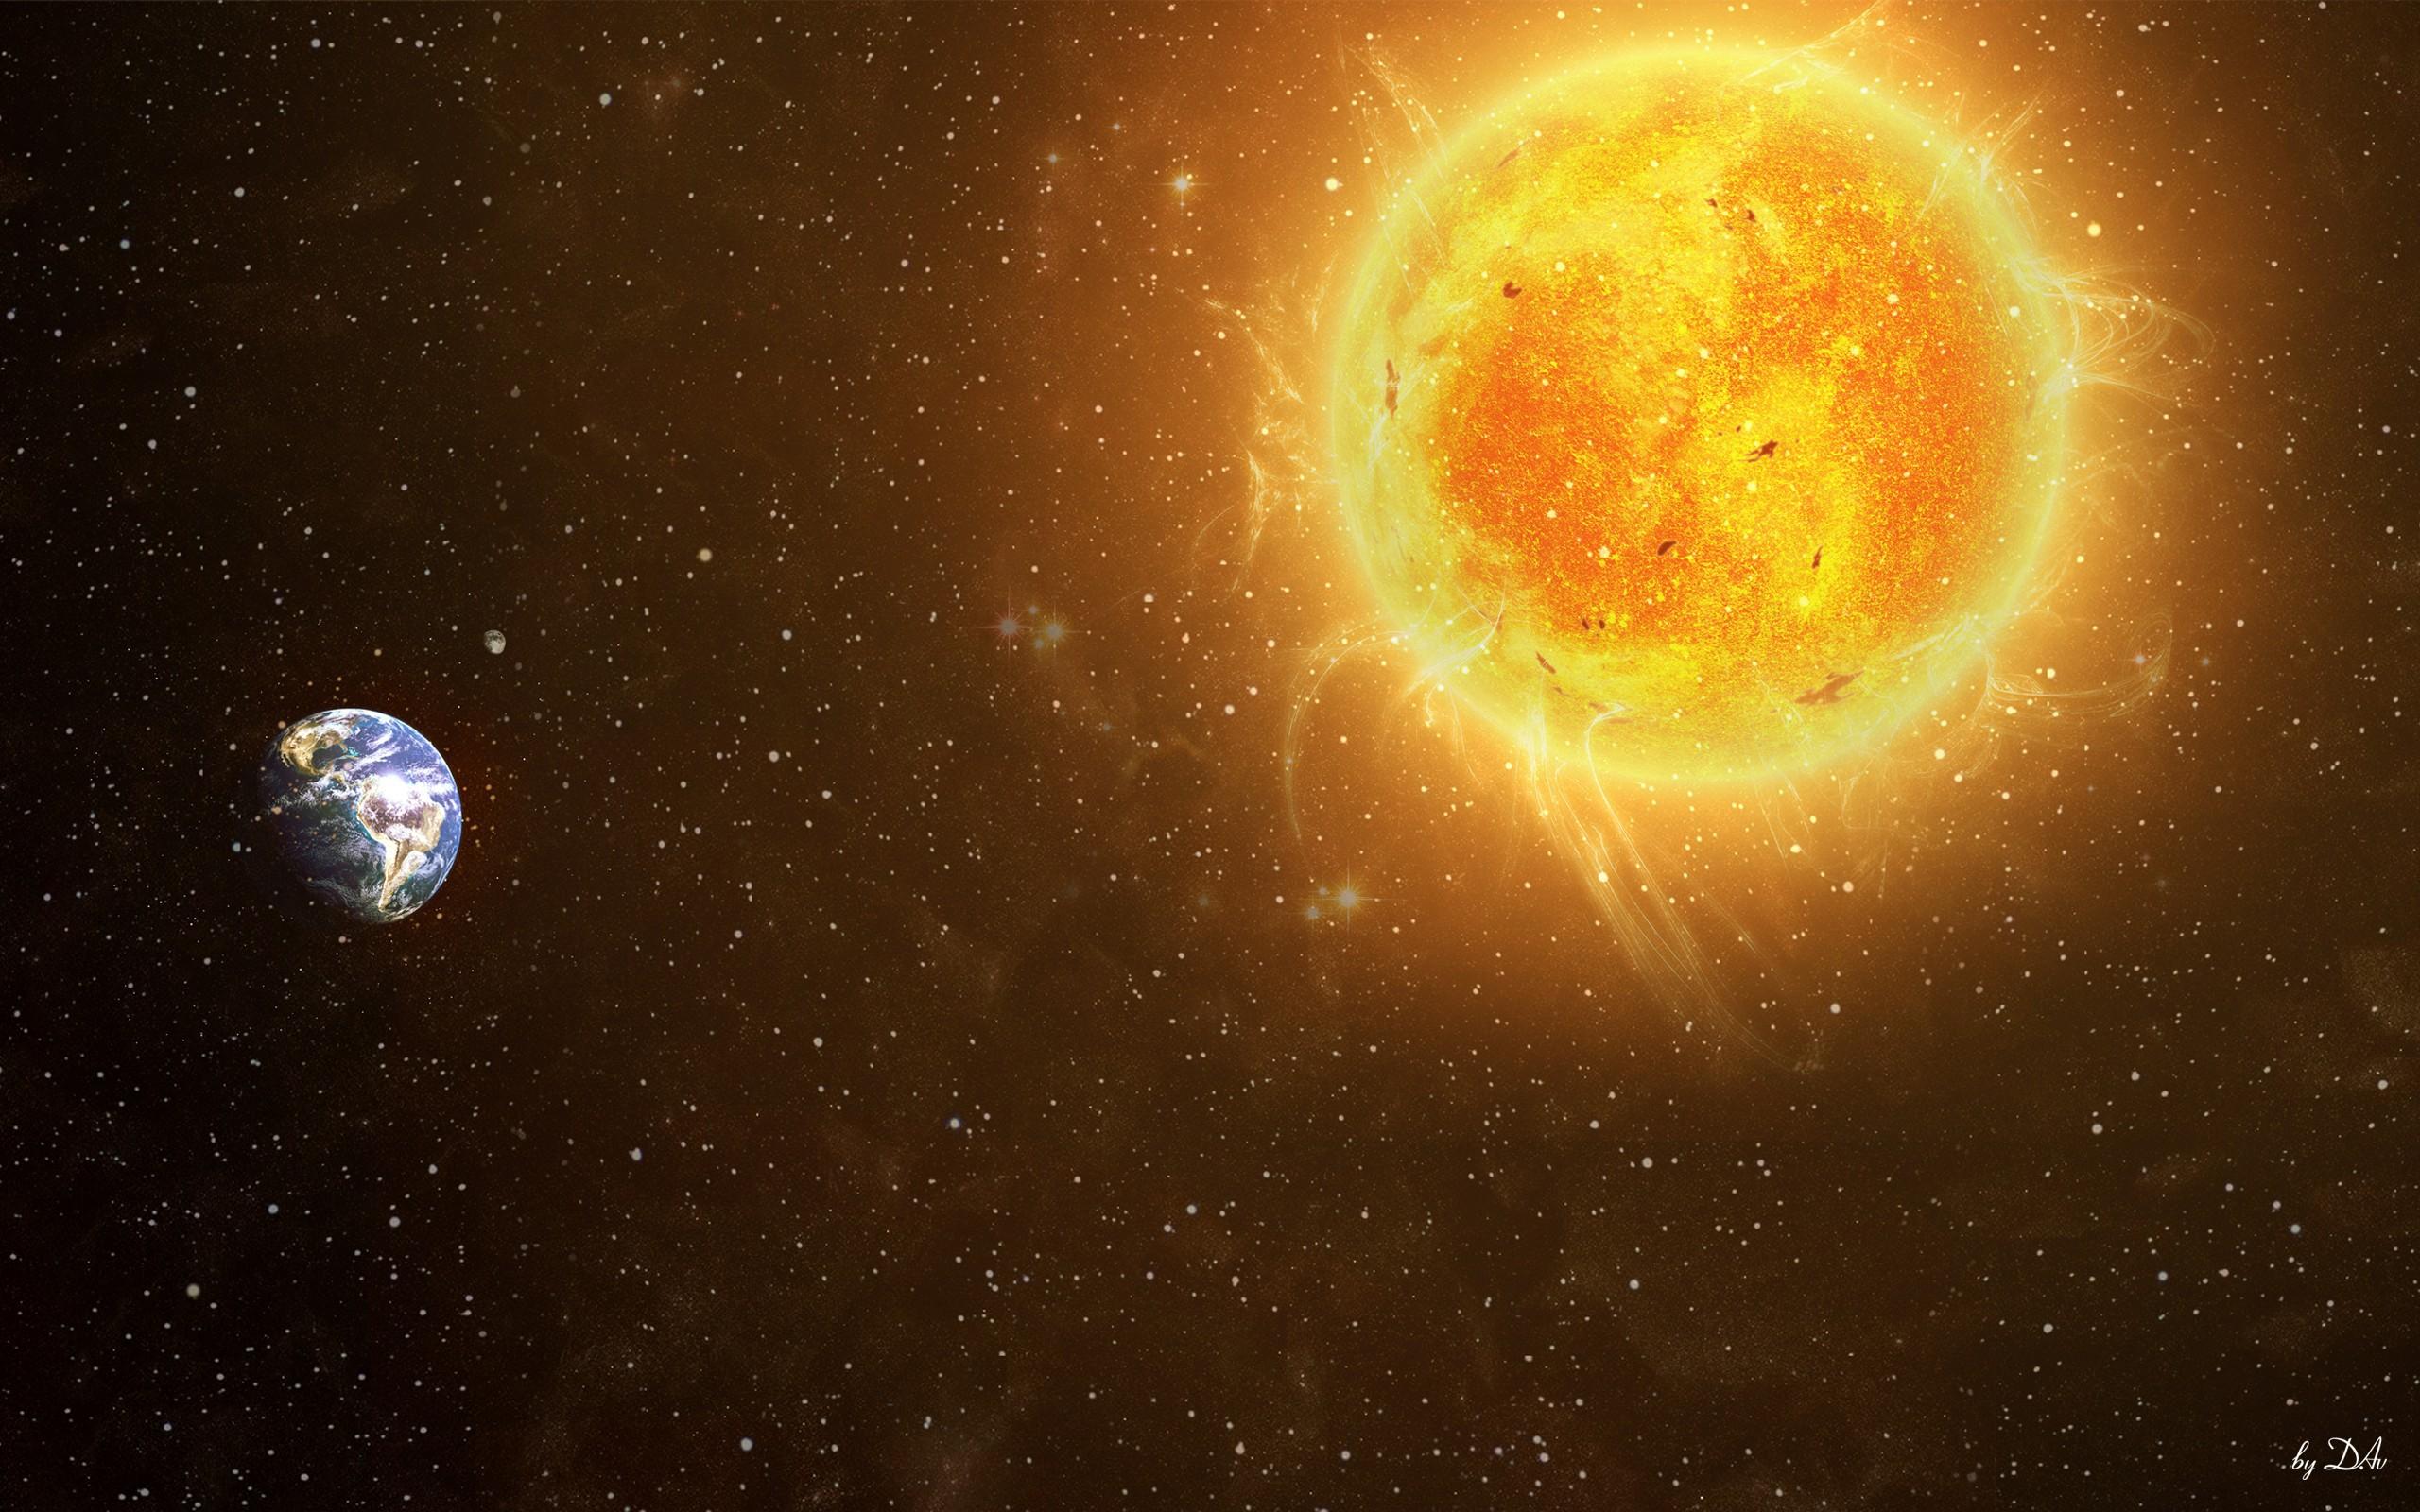 ниже картинка с солнцем и планетами пригодны для